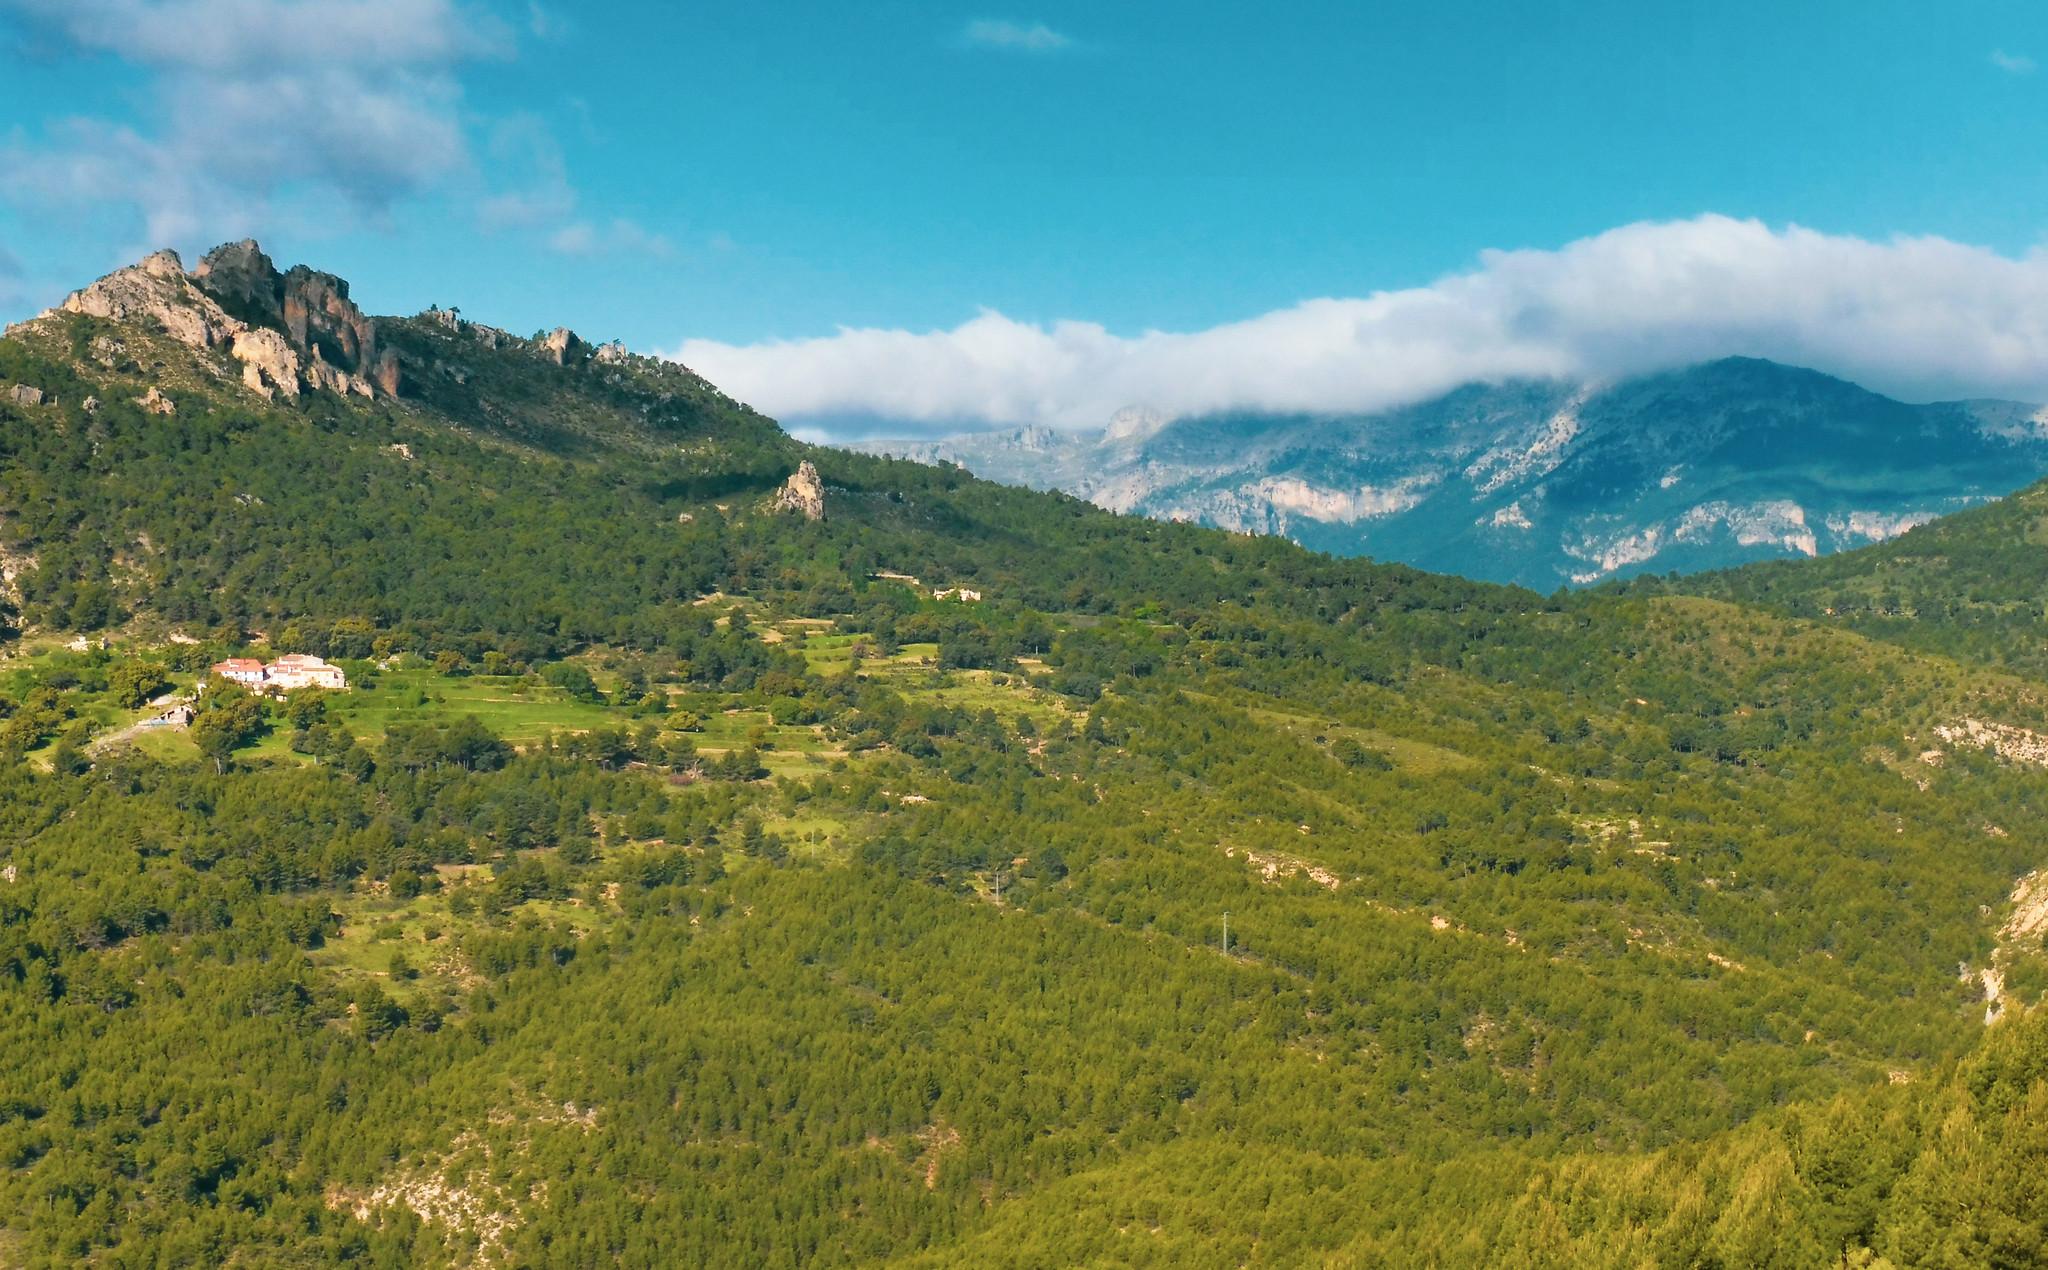 Aspecto del Calar de la Sima al fondo con la aldea de la Umbría del Bul